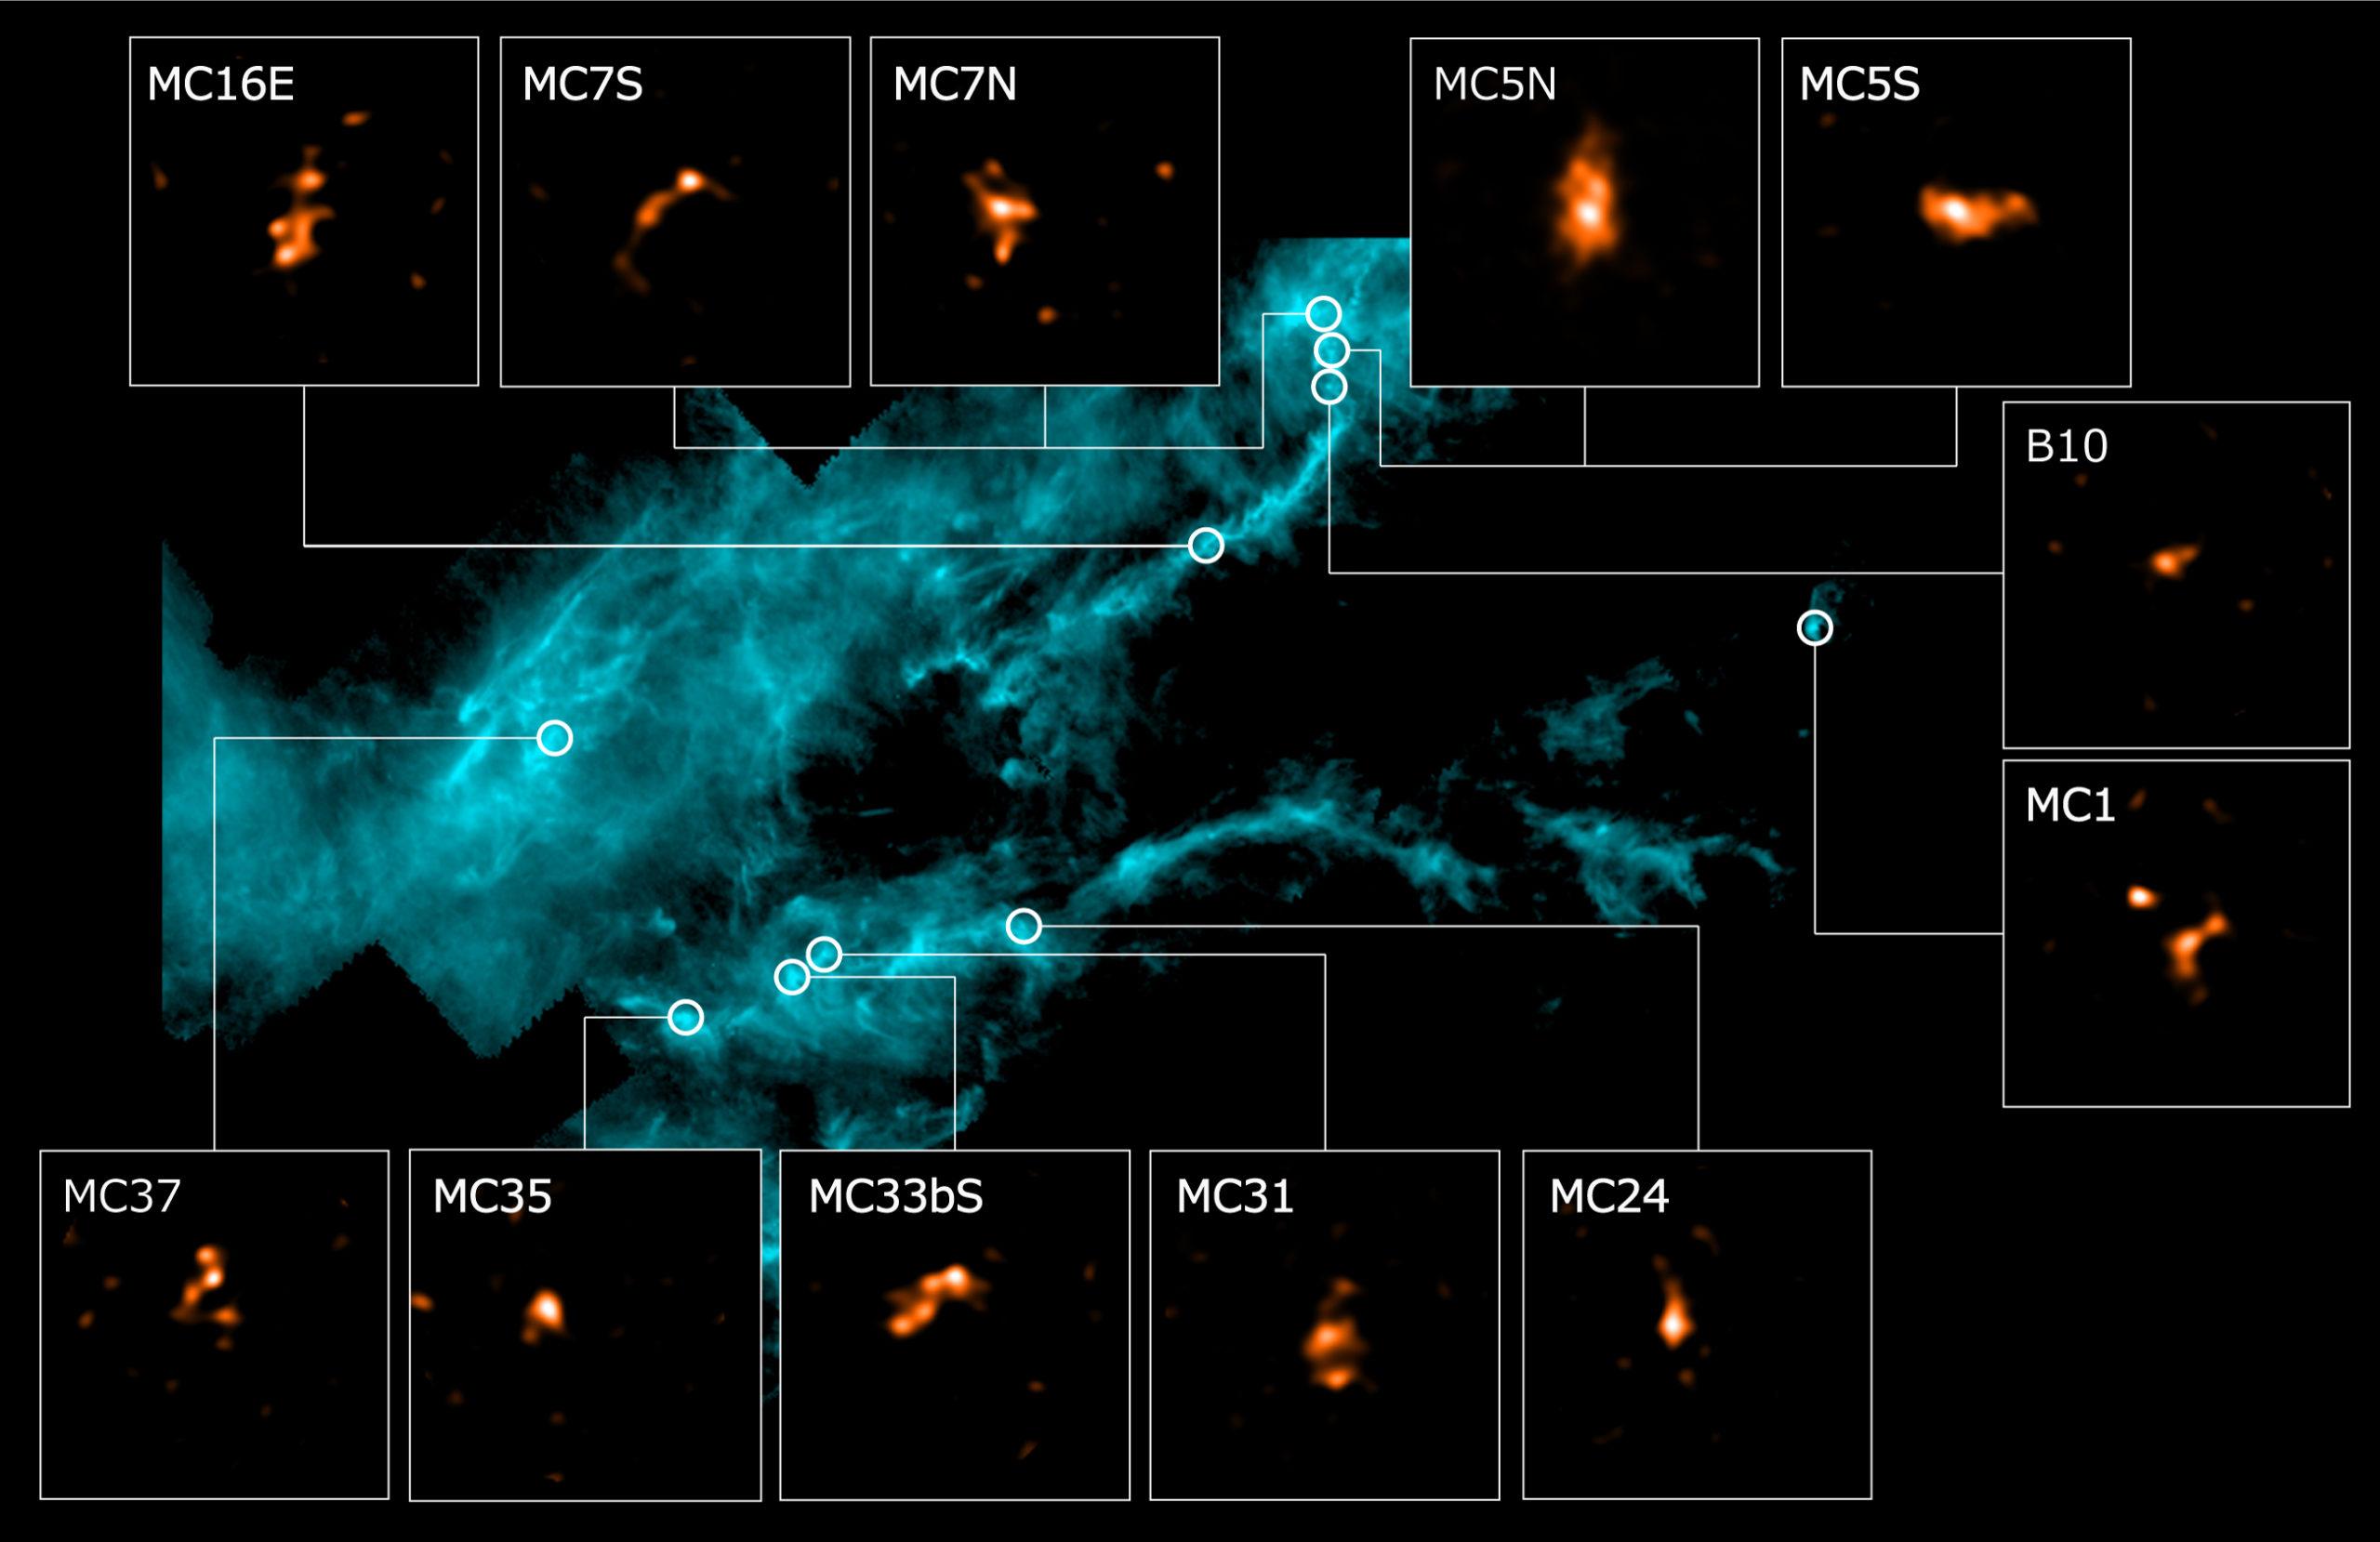 Imagen infrarroja de campo amplio de la nube molecular de Tauro obtenida por el Observatorio Espacial Herschel y embriones estelares observados con ALMA (recuadros). Créditos: ALMA (ESO/NAOJ/NRAO), Tokuda et al., ESA/Herschel